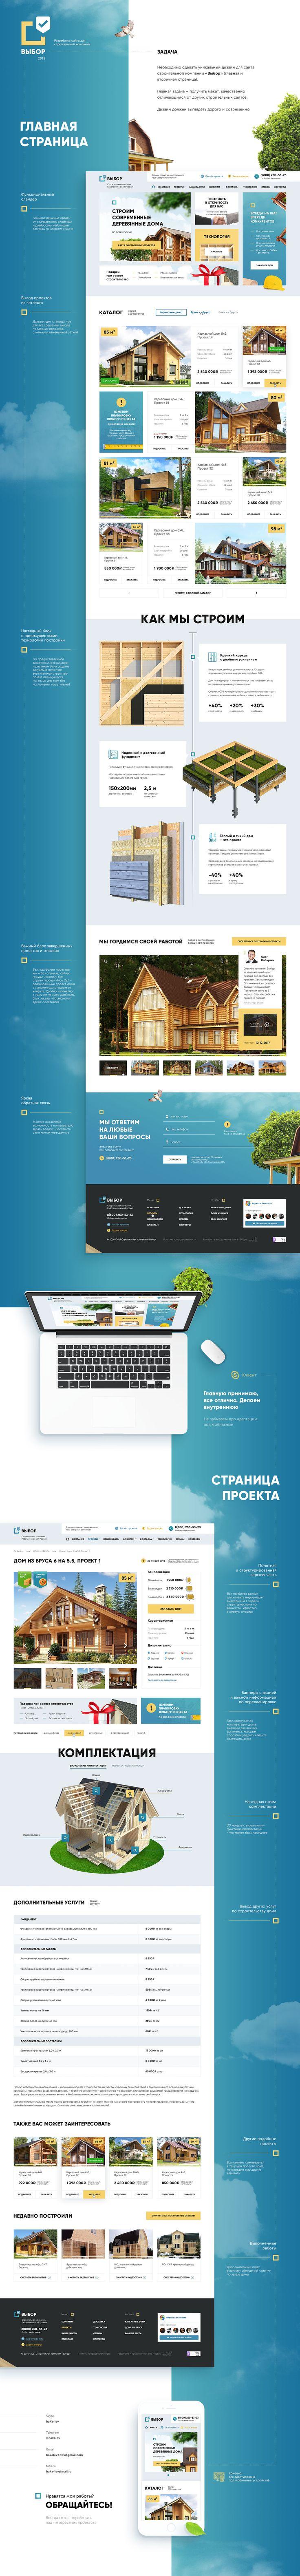 Строительная компания Выбор, Site © Андрей Бачинский